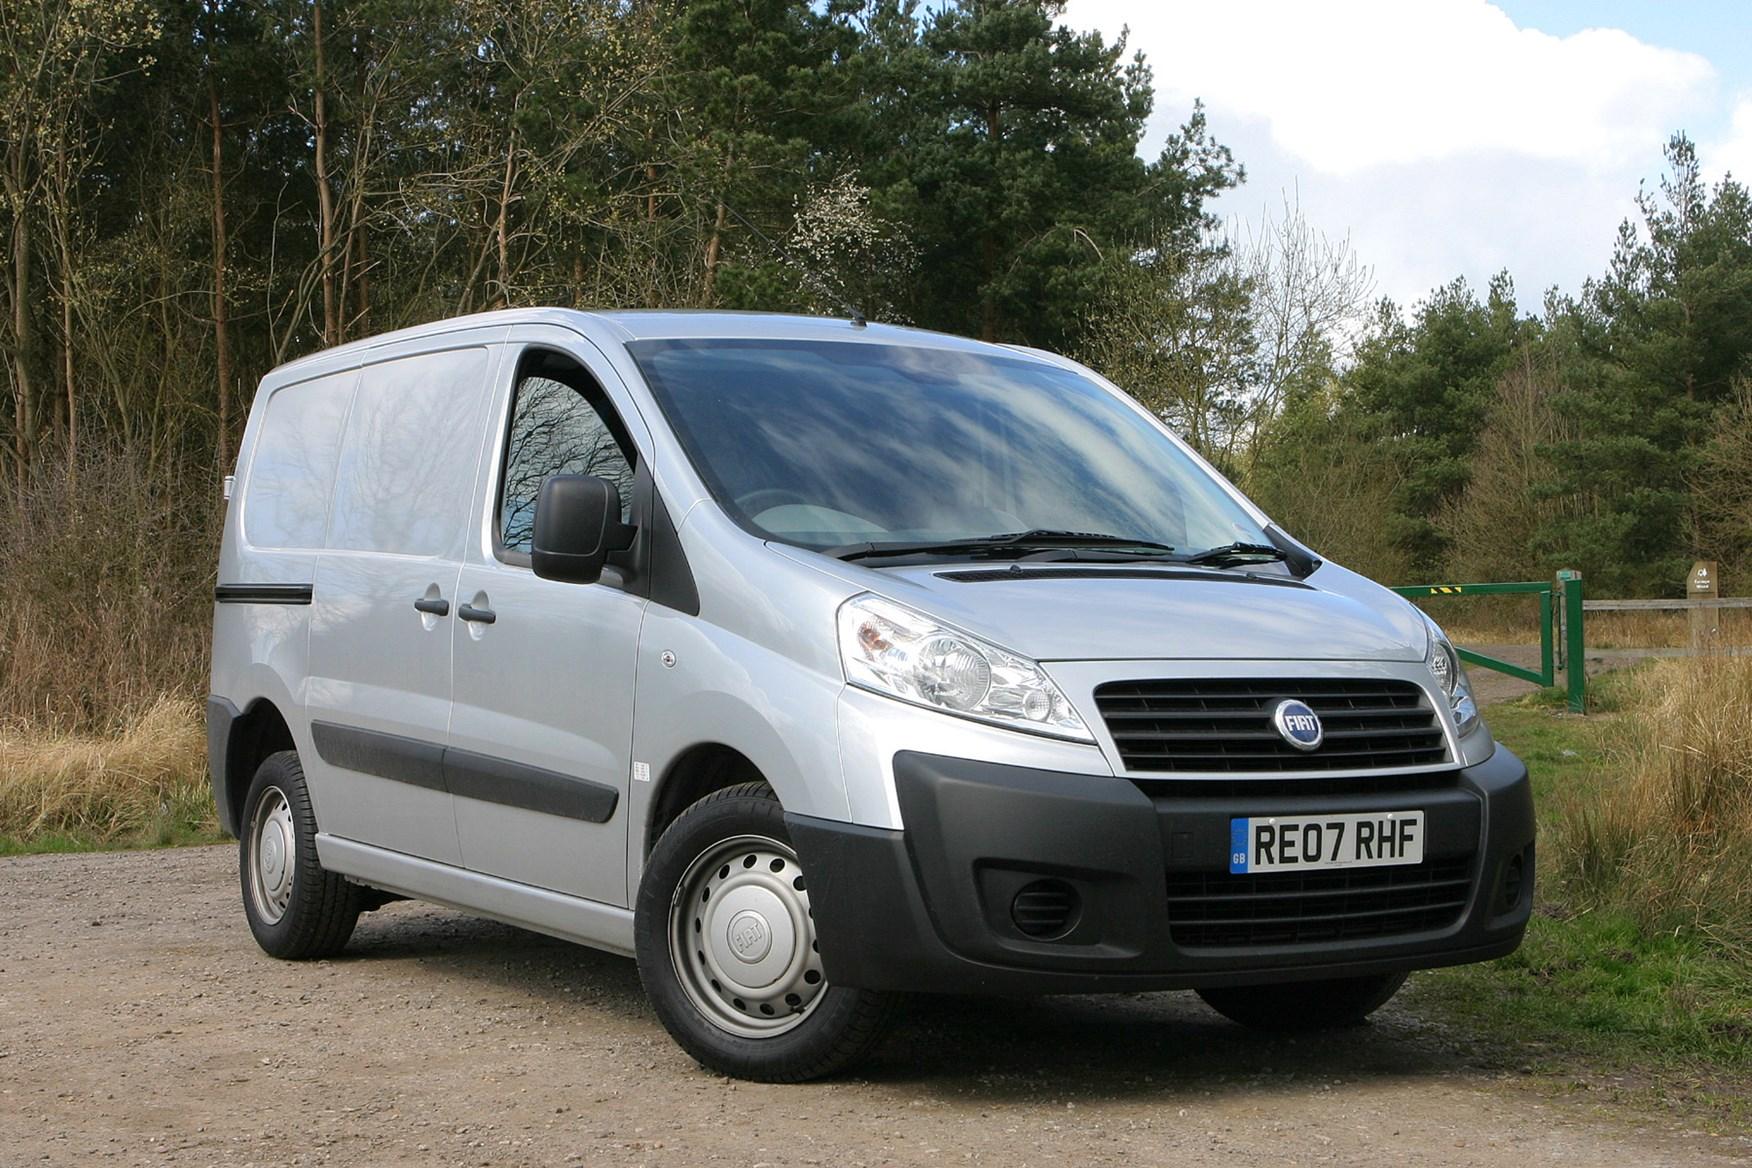 Fiat Scudo 2007-2016 review on Parkers Vans - front